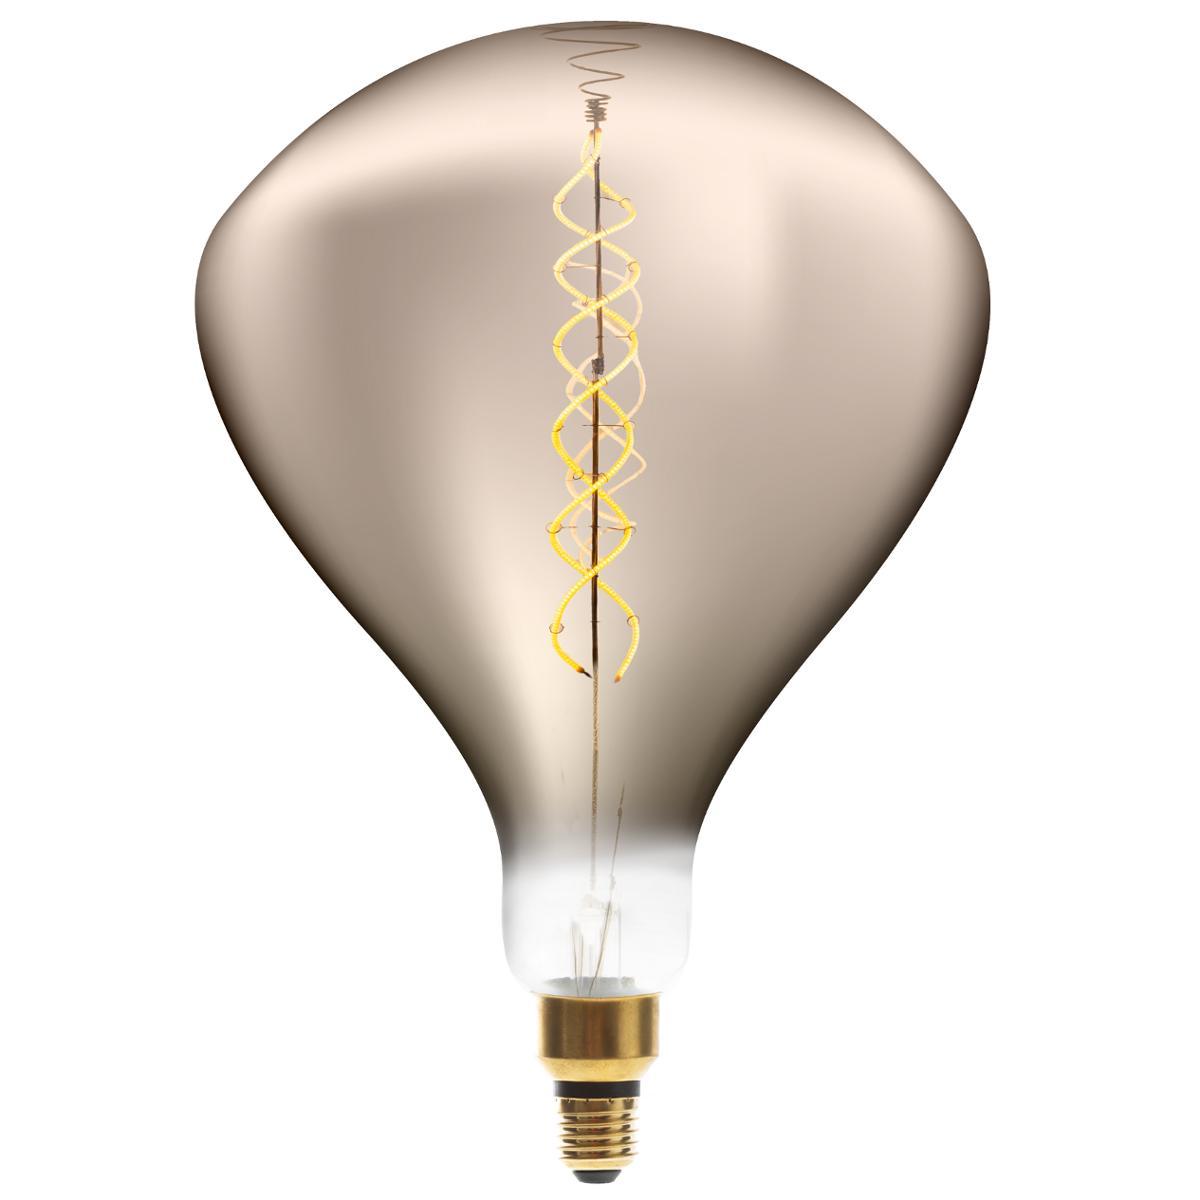 Ampoule LED Torsad Fumée R250 6W